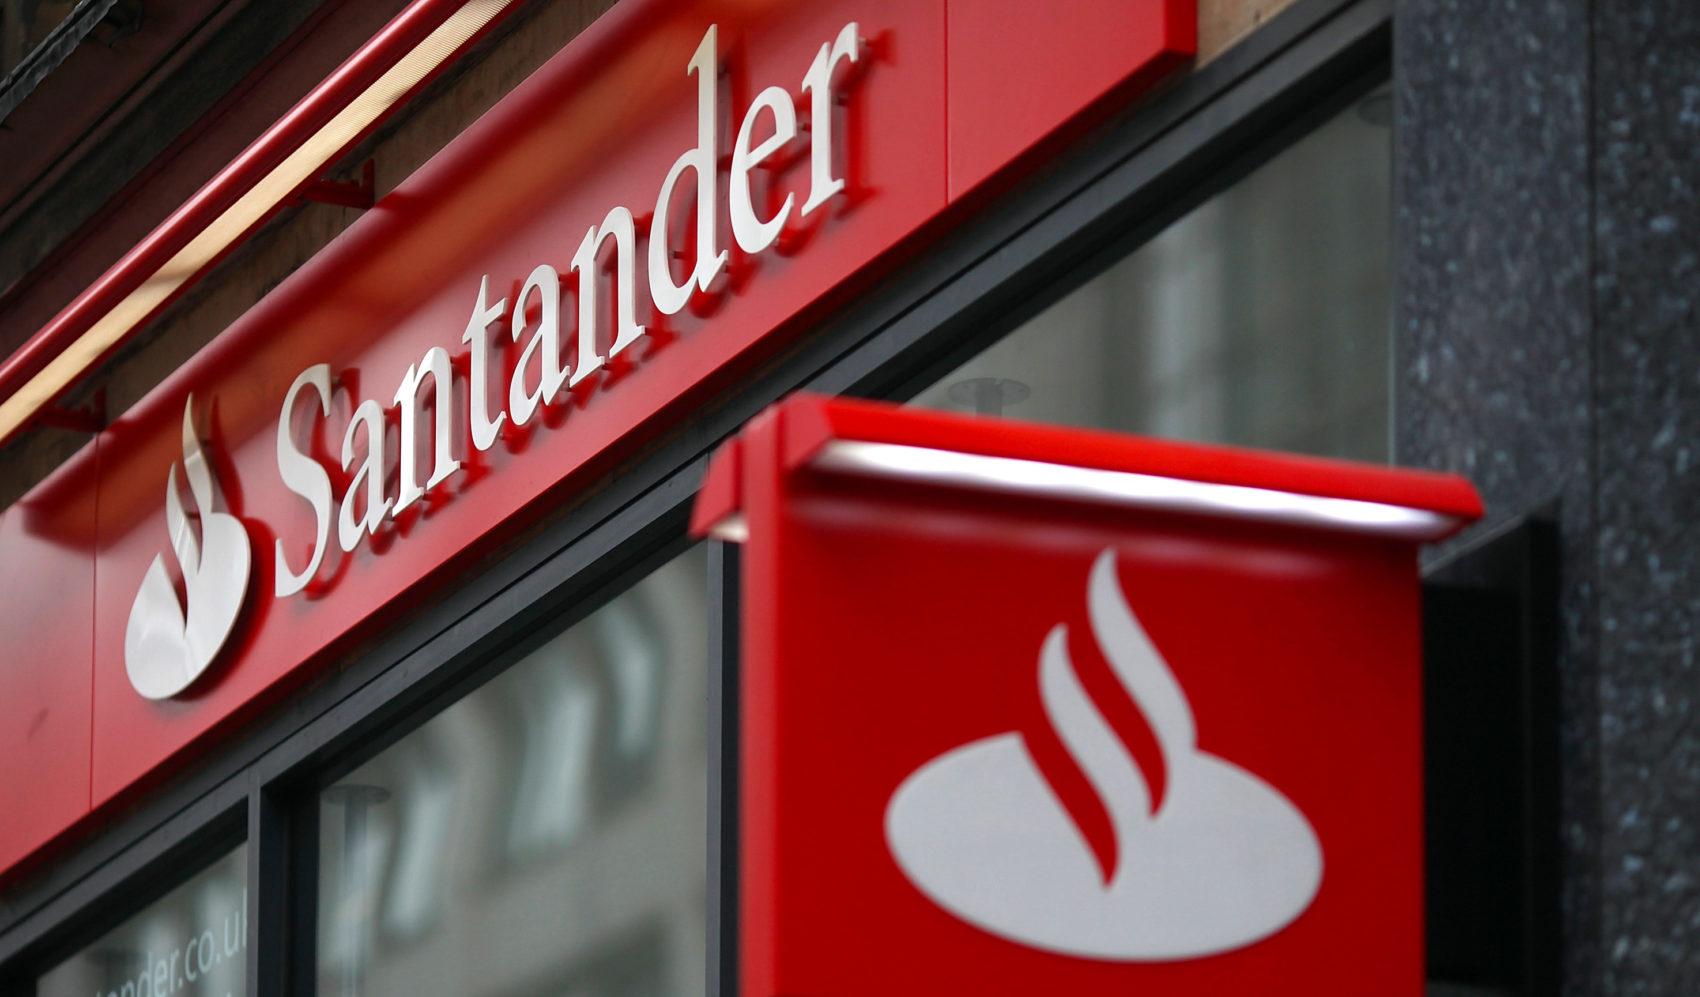 Faturamento e o lucro do Santander